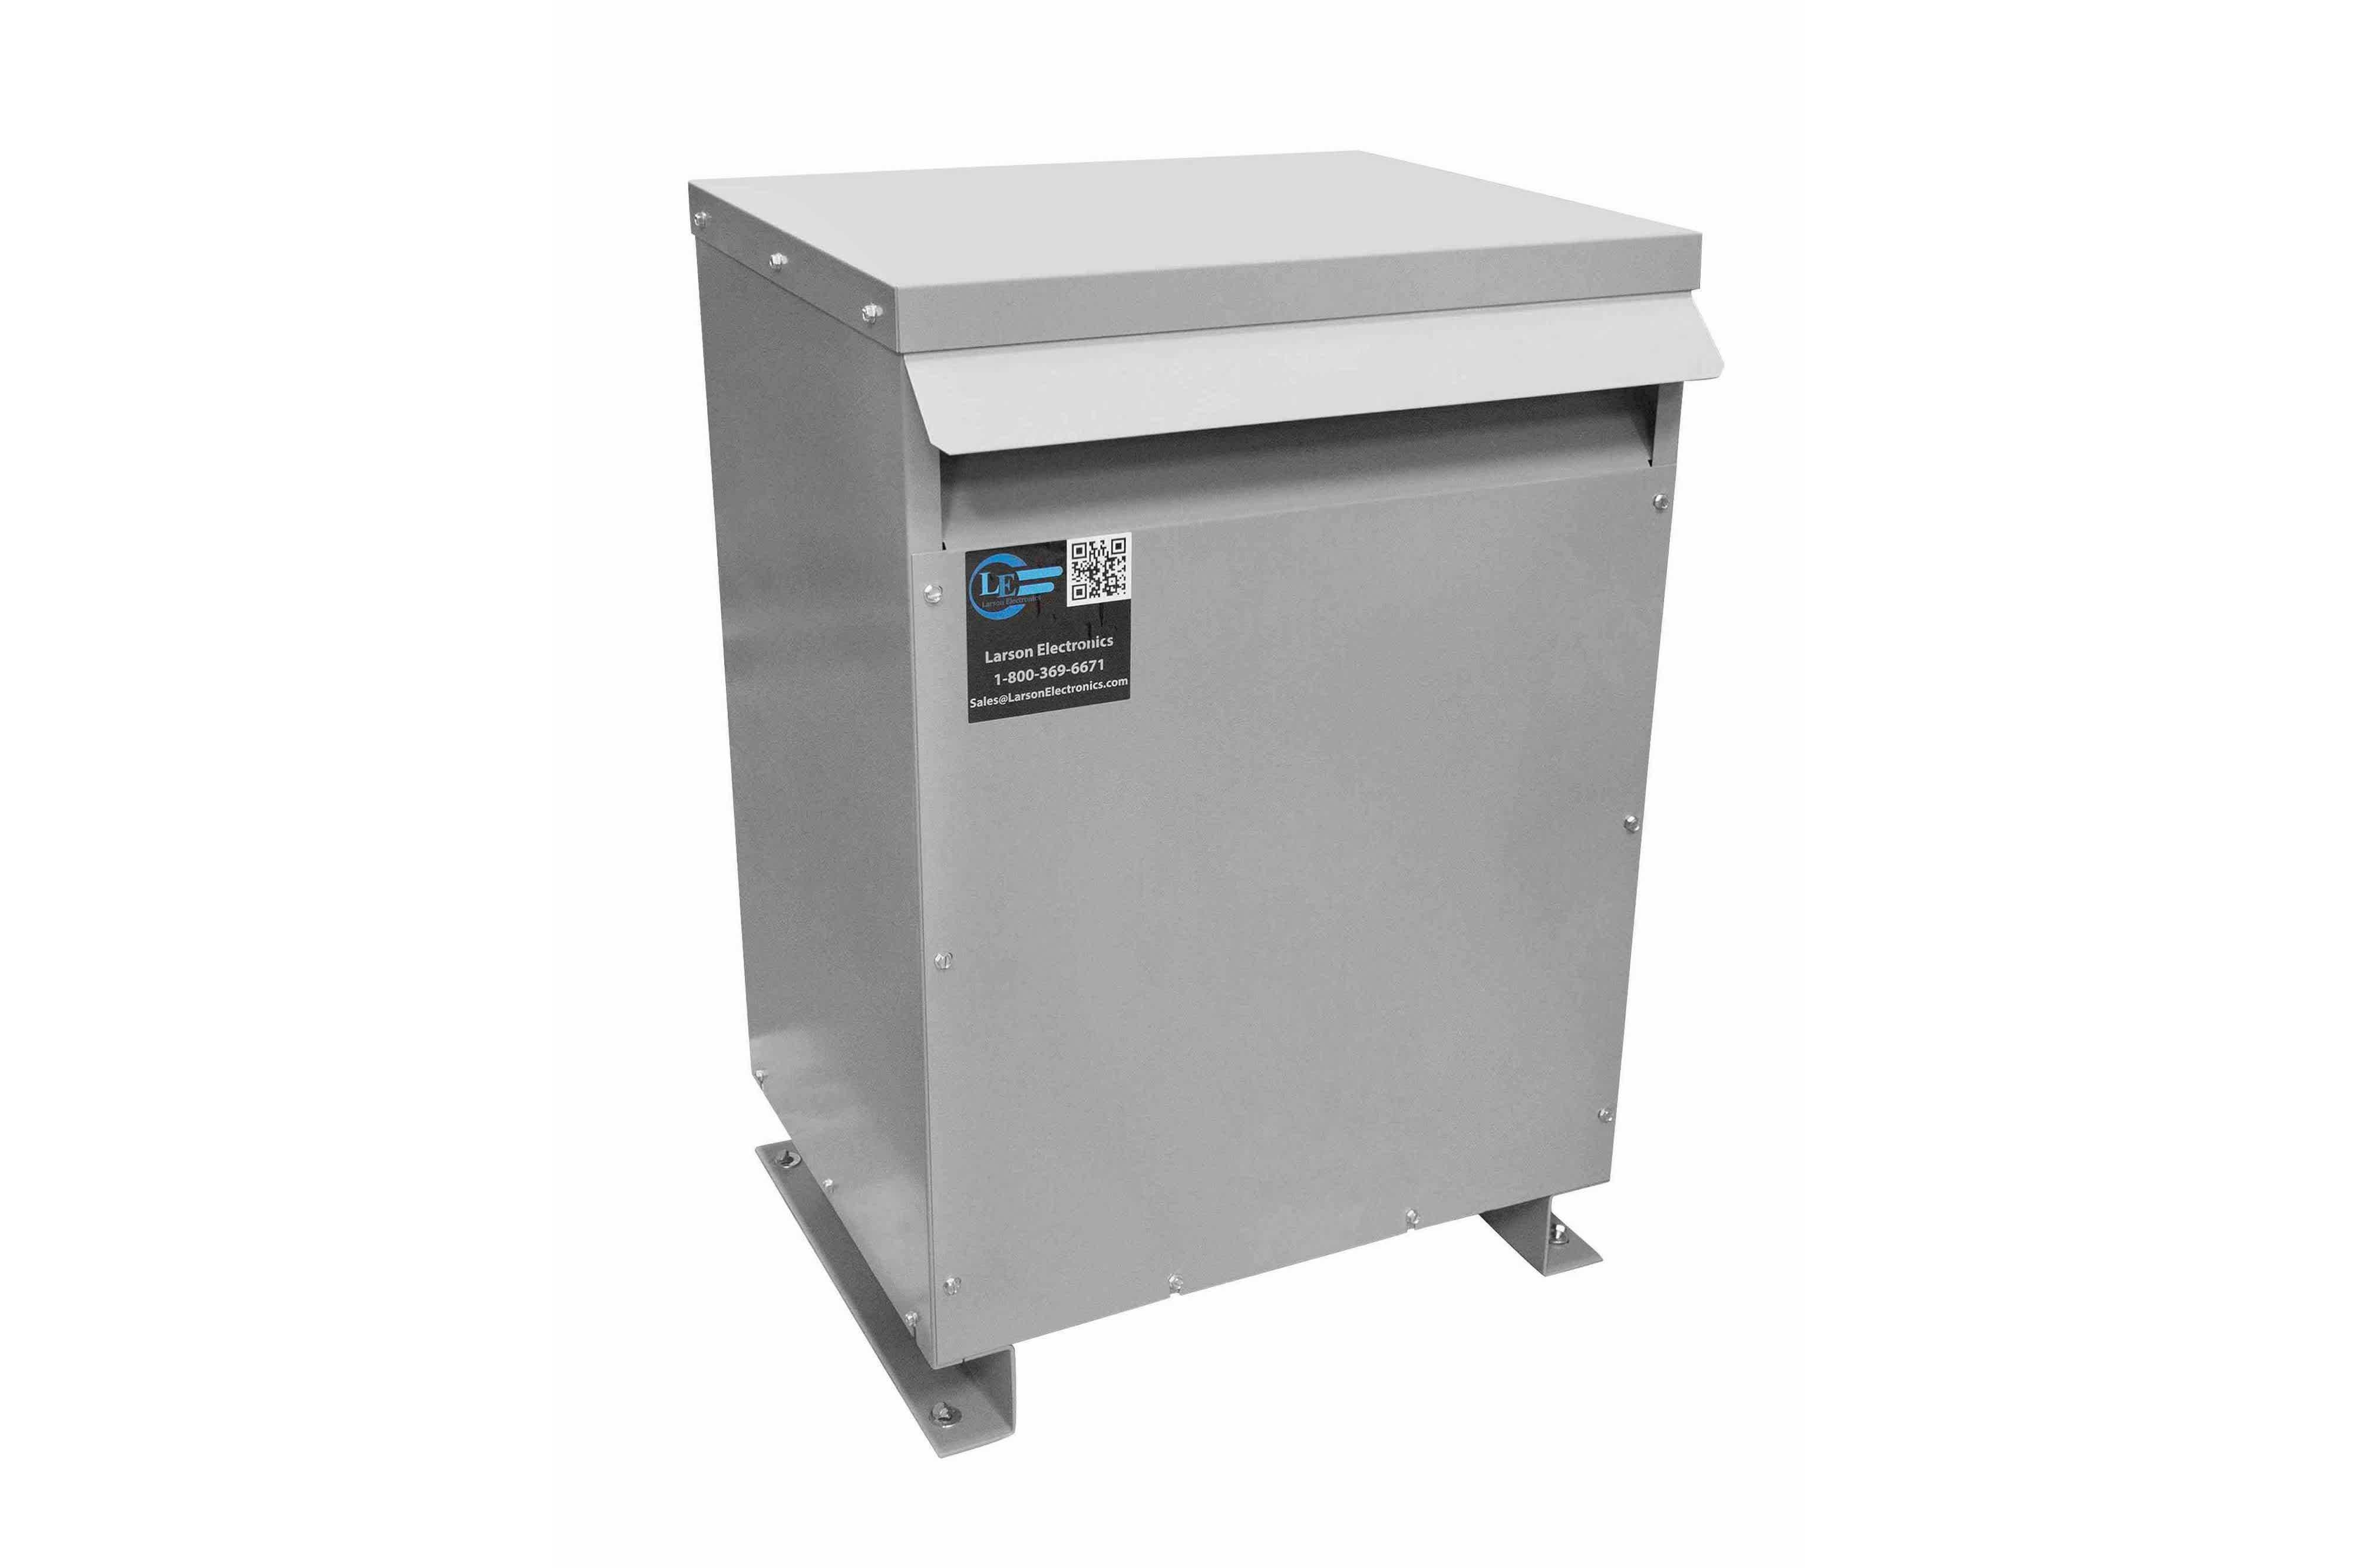 38 kVA 3PH Isolation Transformer, 240V Delta Primary, 208V Delta Secondary, N3R, Ventilated, 60 Hz